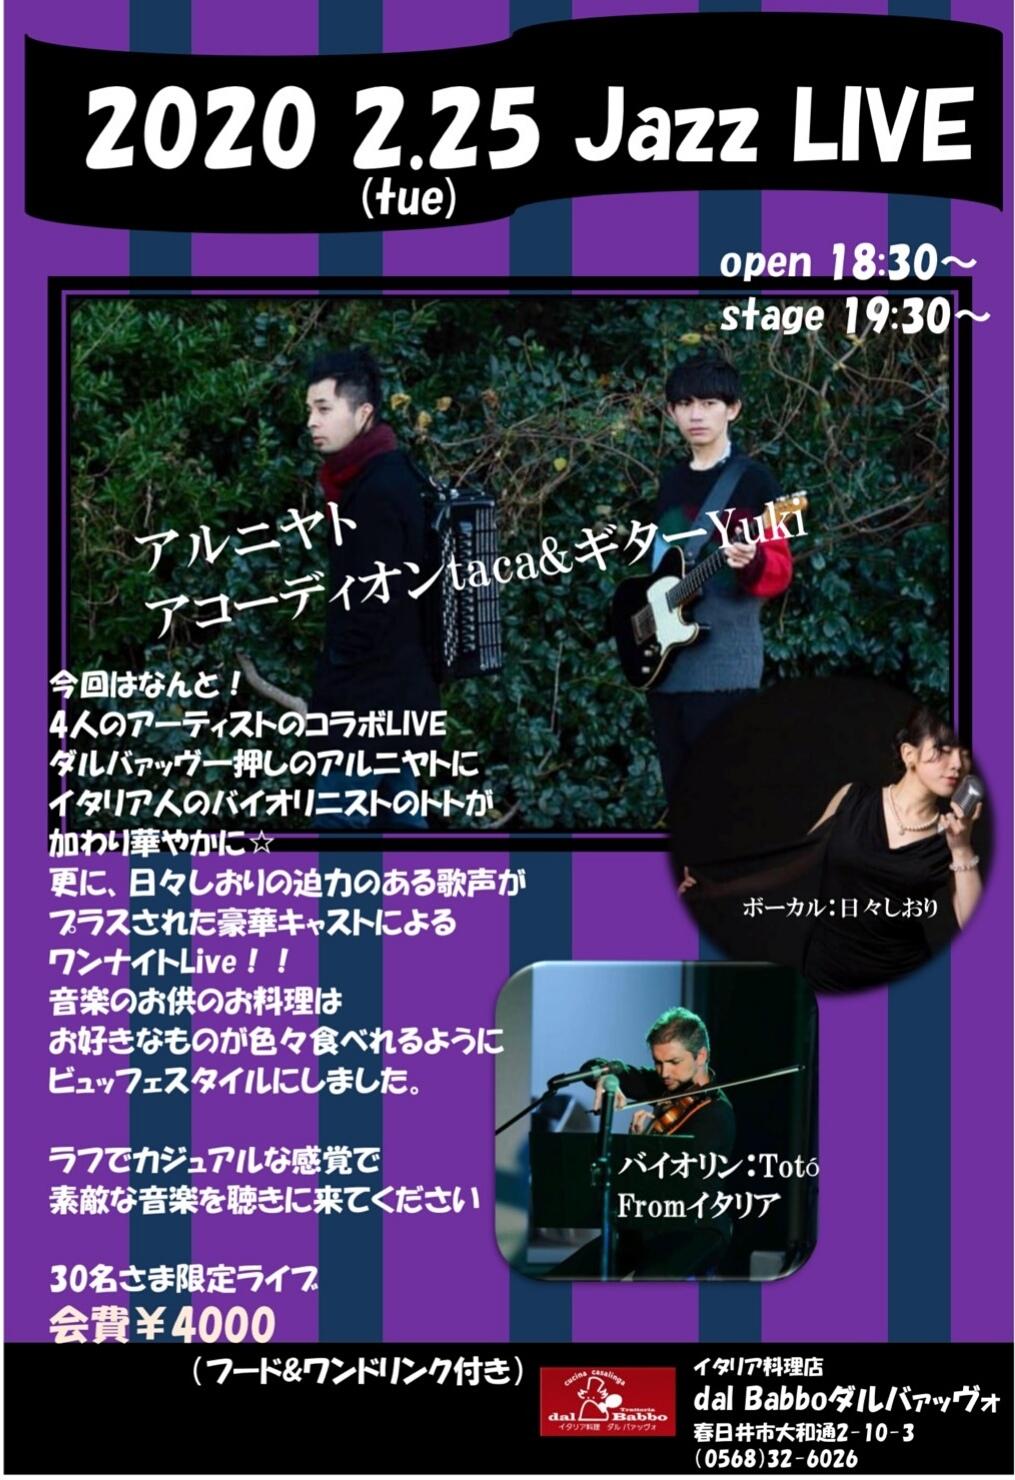 2月25日(火曜日)AlNiyat LIVE with Guest Toto & Shiori Hibi_c0315821_20270027.jpg